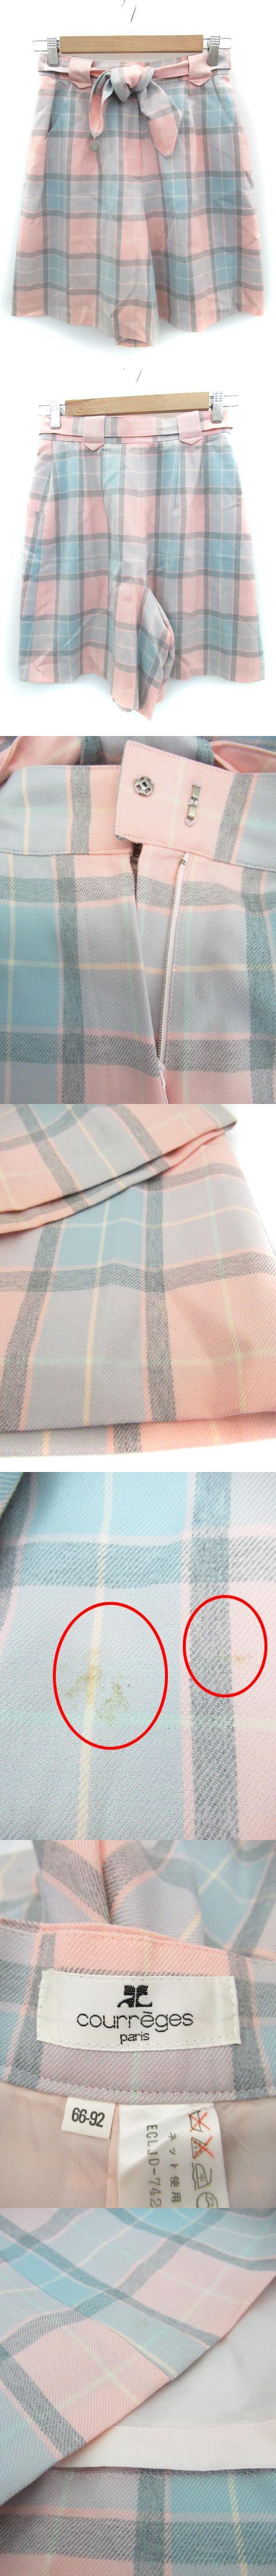 パンツ キュロット ハーフ ウール リボン付き チェック柄 66-92 ピンク 水色 ライトブルー /FF43